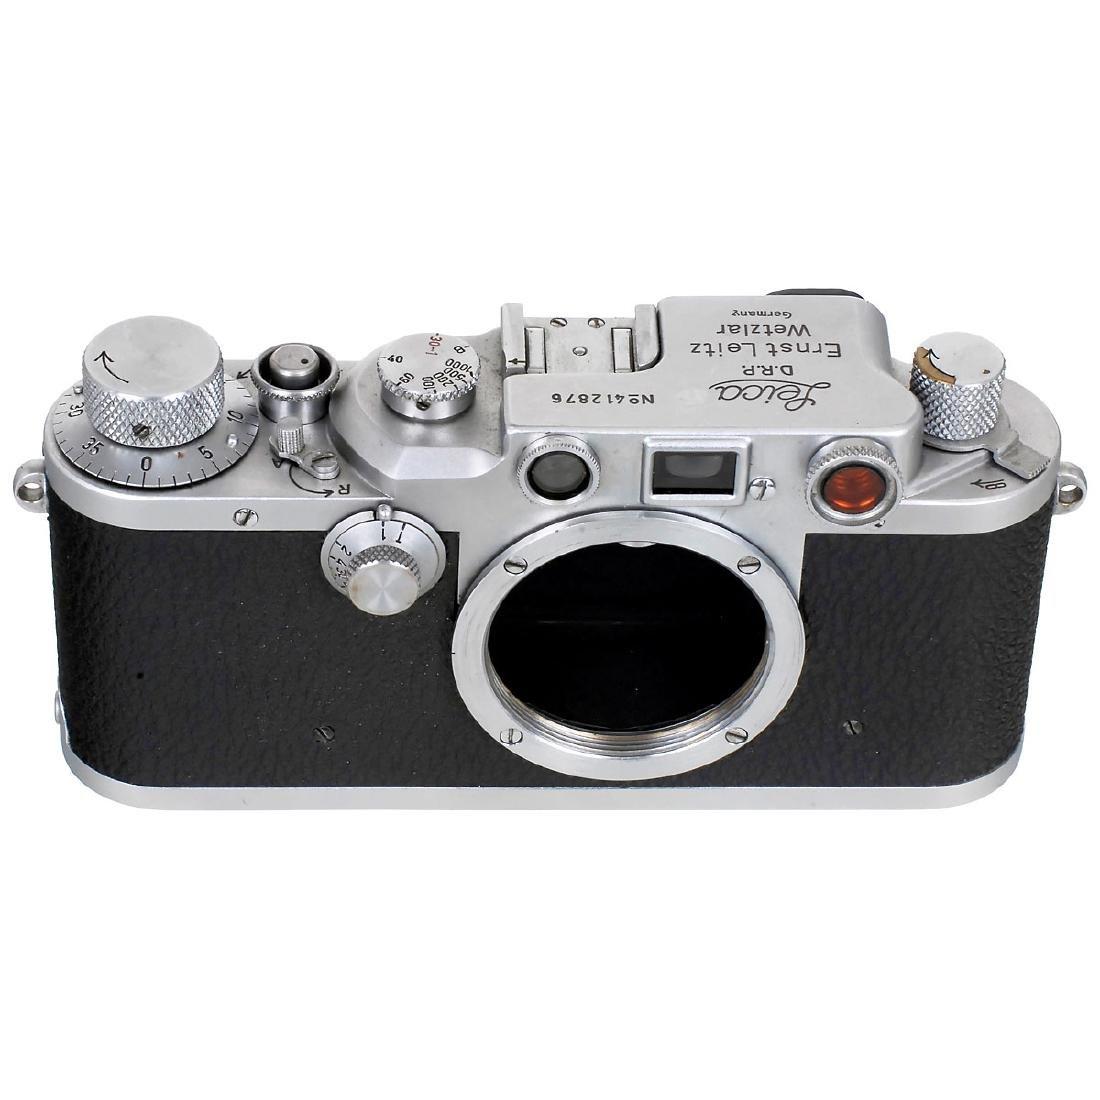 Leica II, IIIc and IIIf - 3